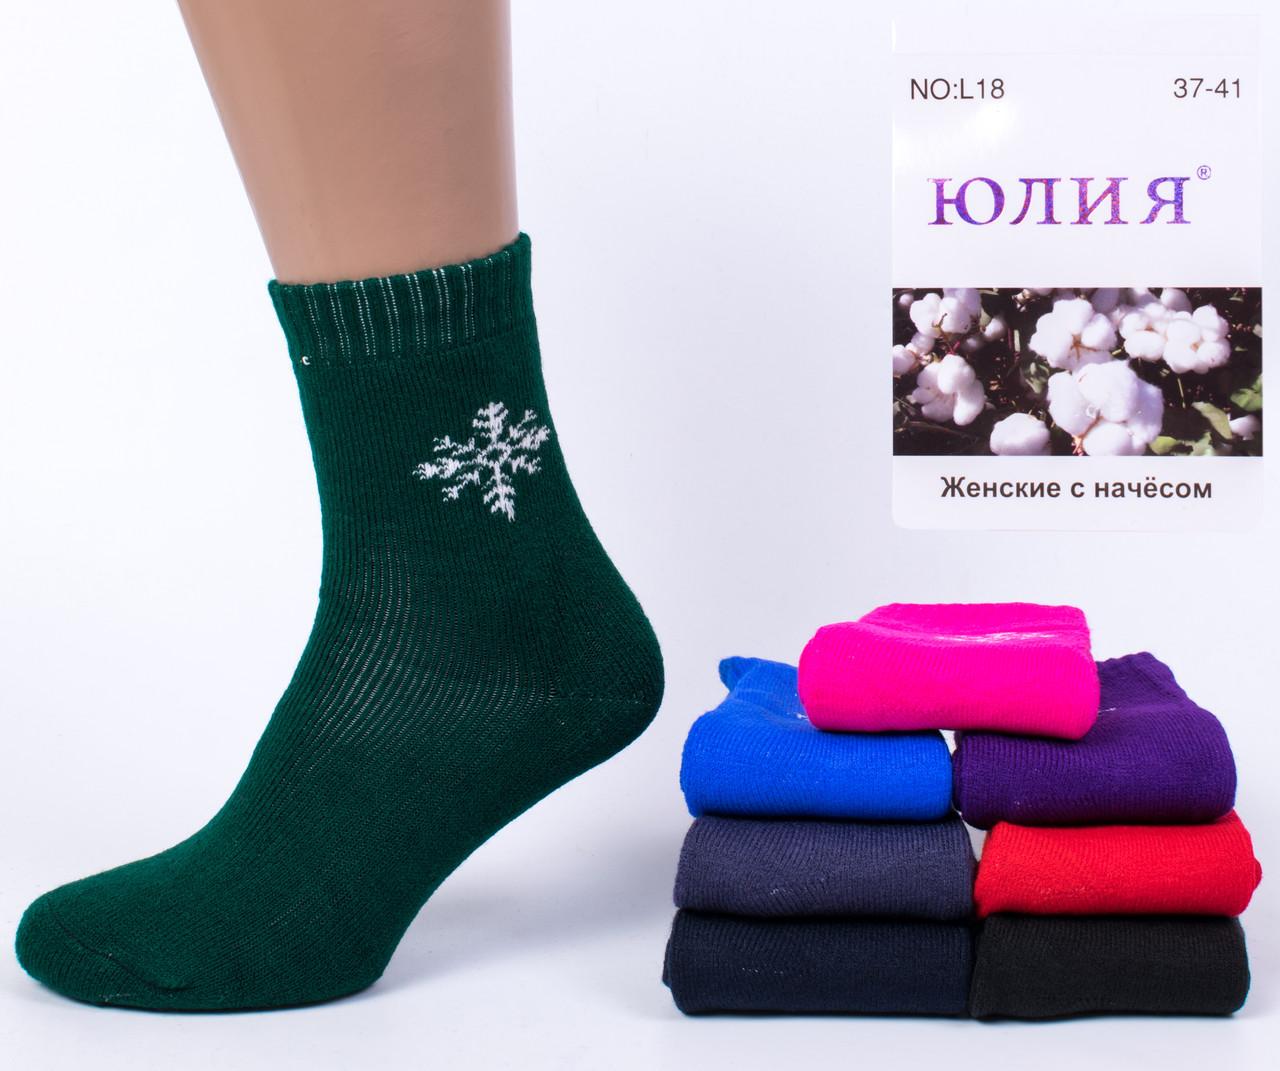 Женские махровые носки с начёсом Юлия L18. В упаковке 12 пар